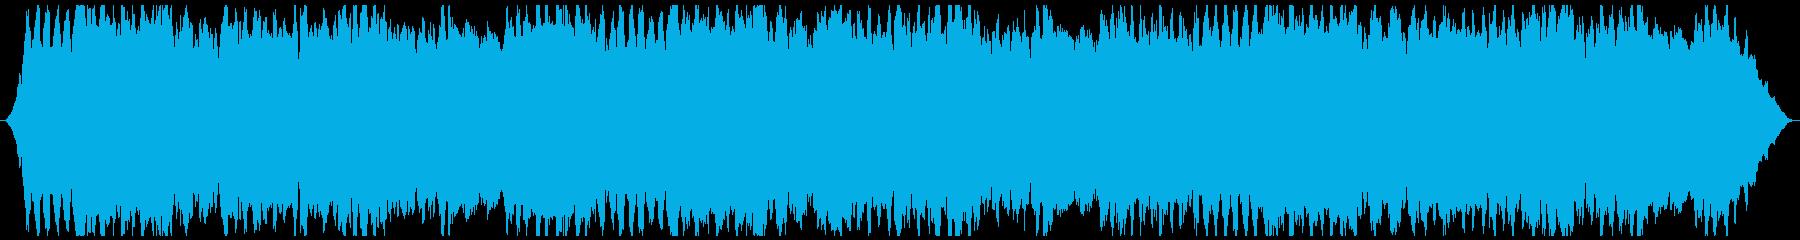 癒やされるヒーリングミュージック1の再生済みの波形